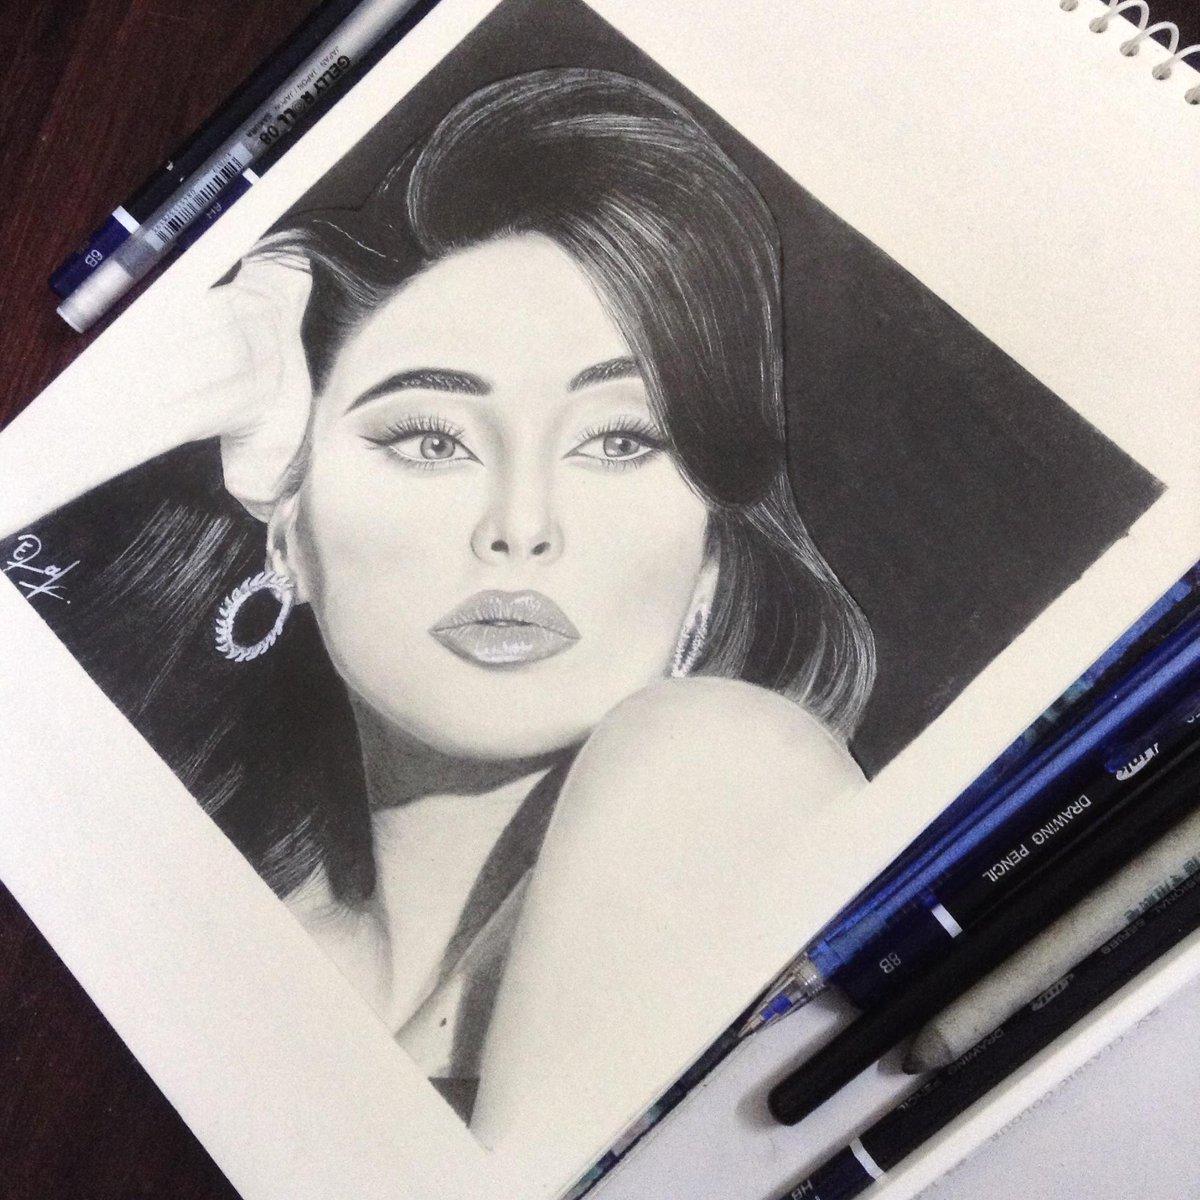 Black and White  #portraits pic.twitter.com/MoVq9eJko7